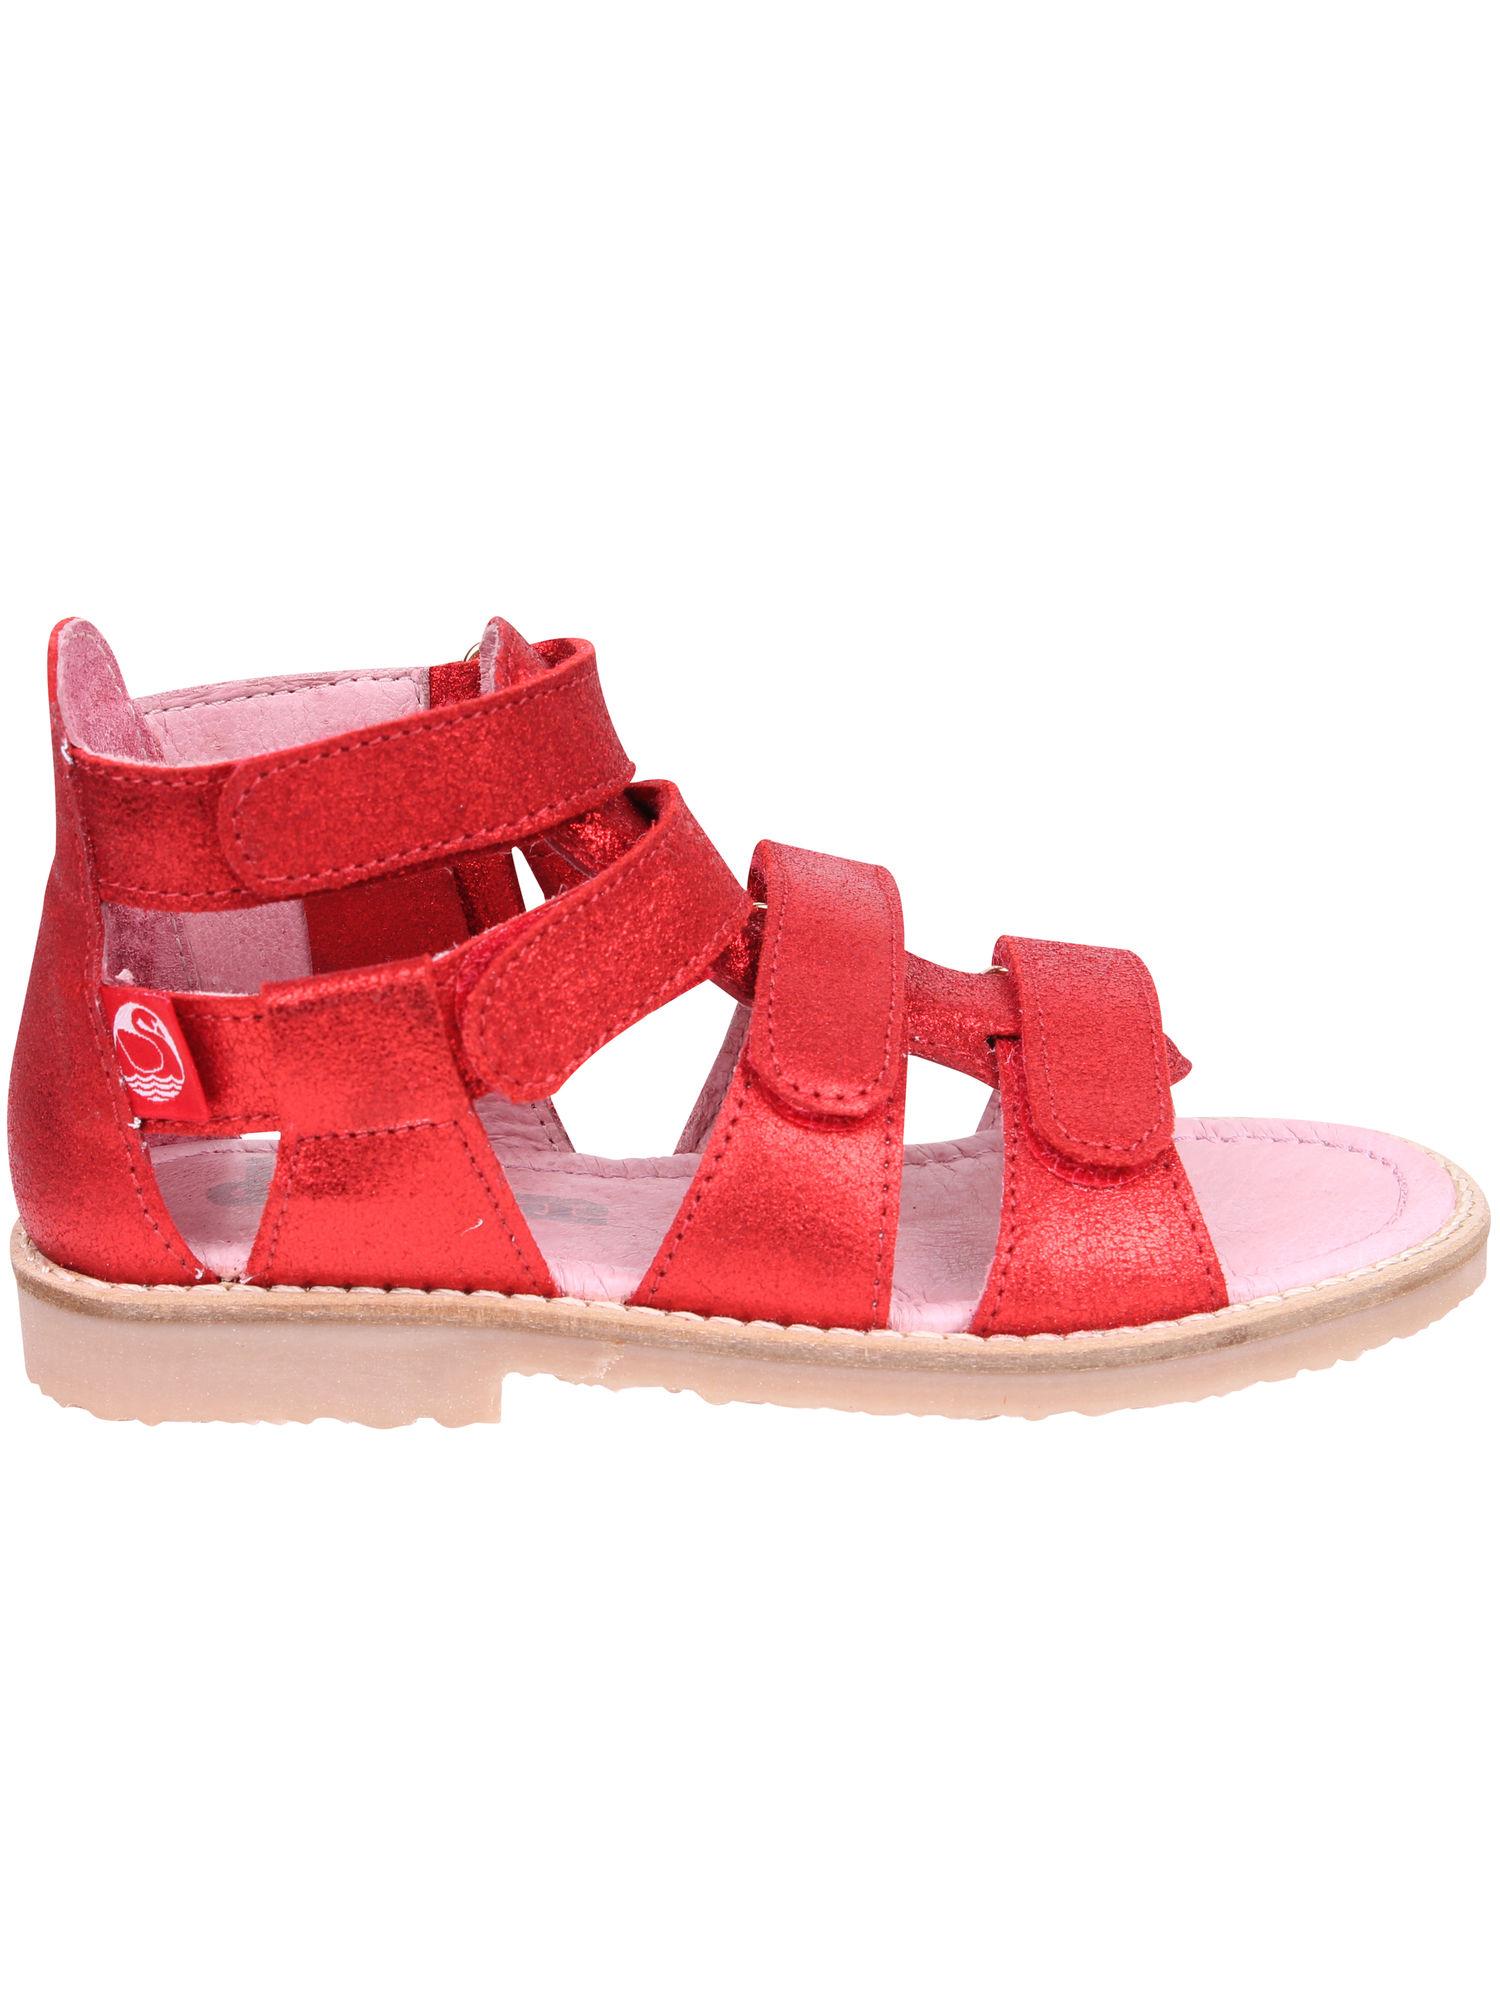 Gladiator sandal (28-37) Red GLITTER